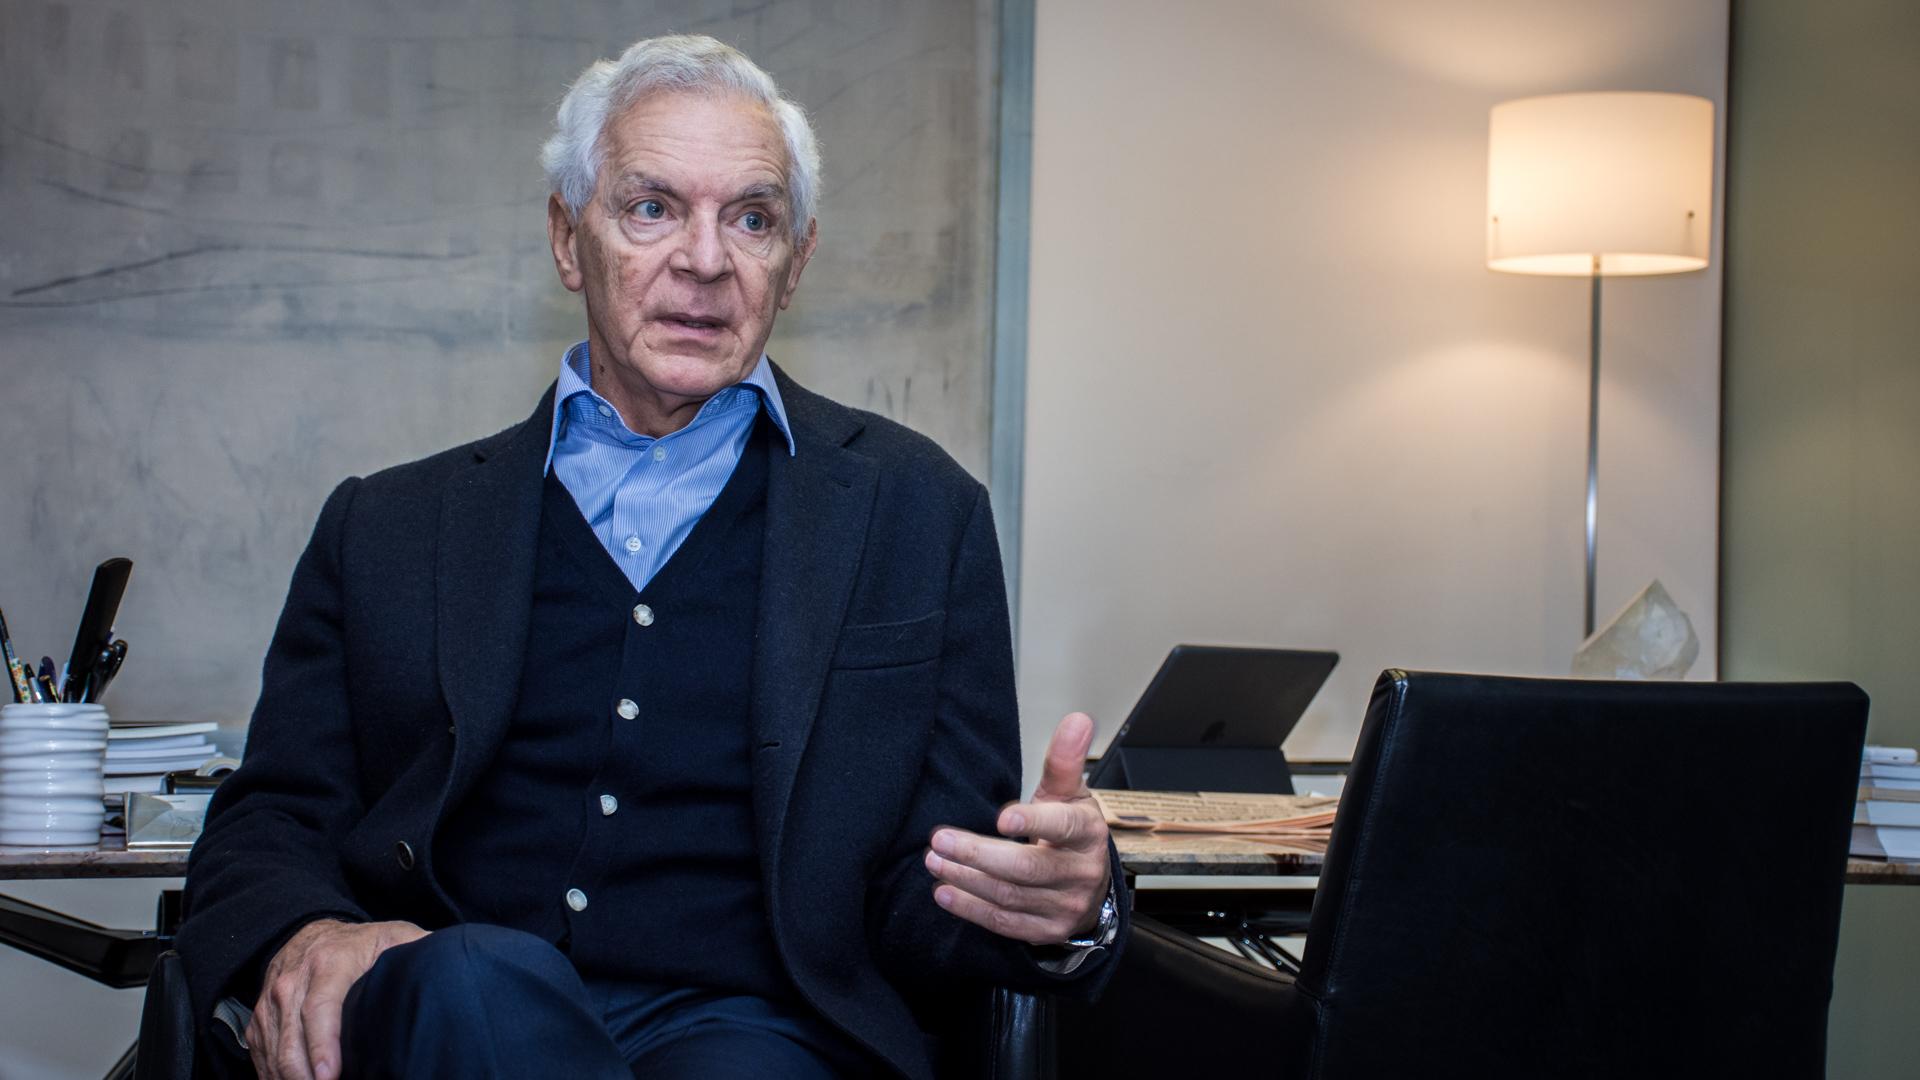 Eduardo Costantini diferenció el comienzo del Gobierno de Cambiemos de los de la salida de la hiperinflación y de la crisis de la convertibilidad en 2001 (Martín Rosenzveig)